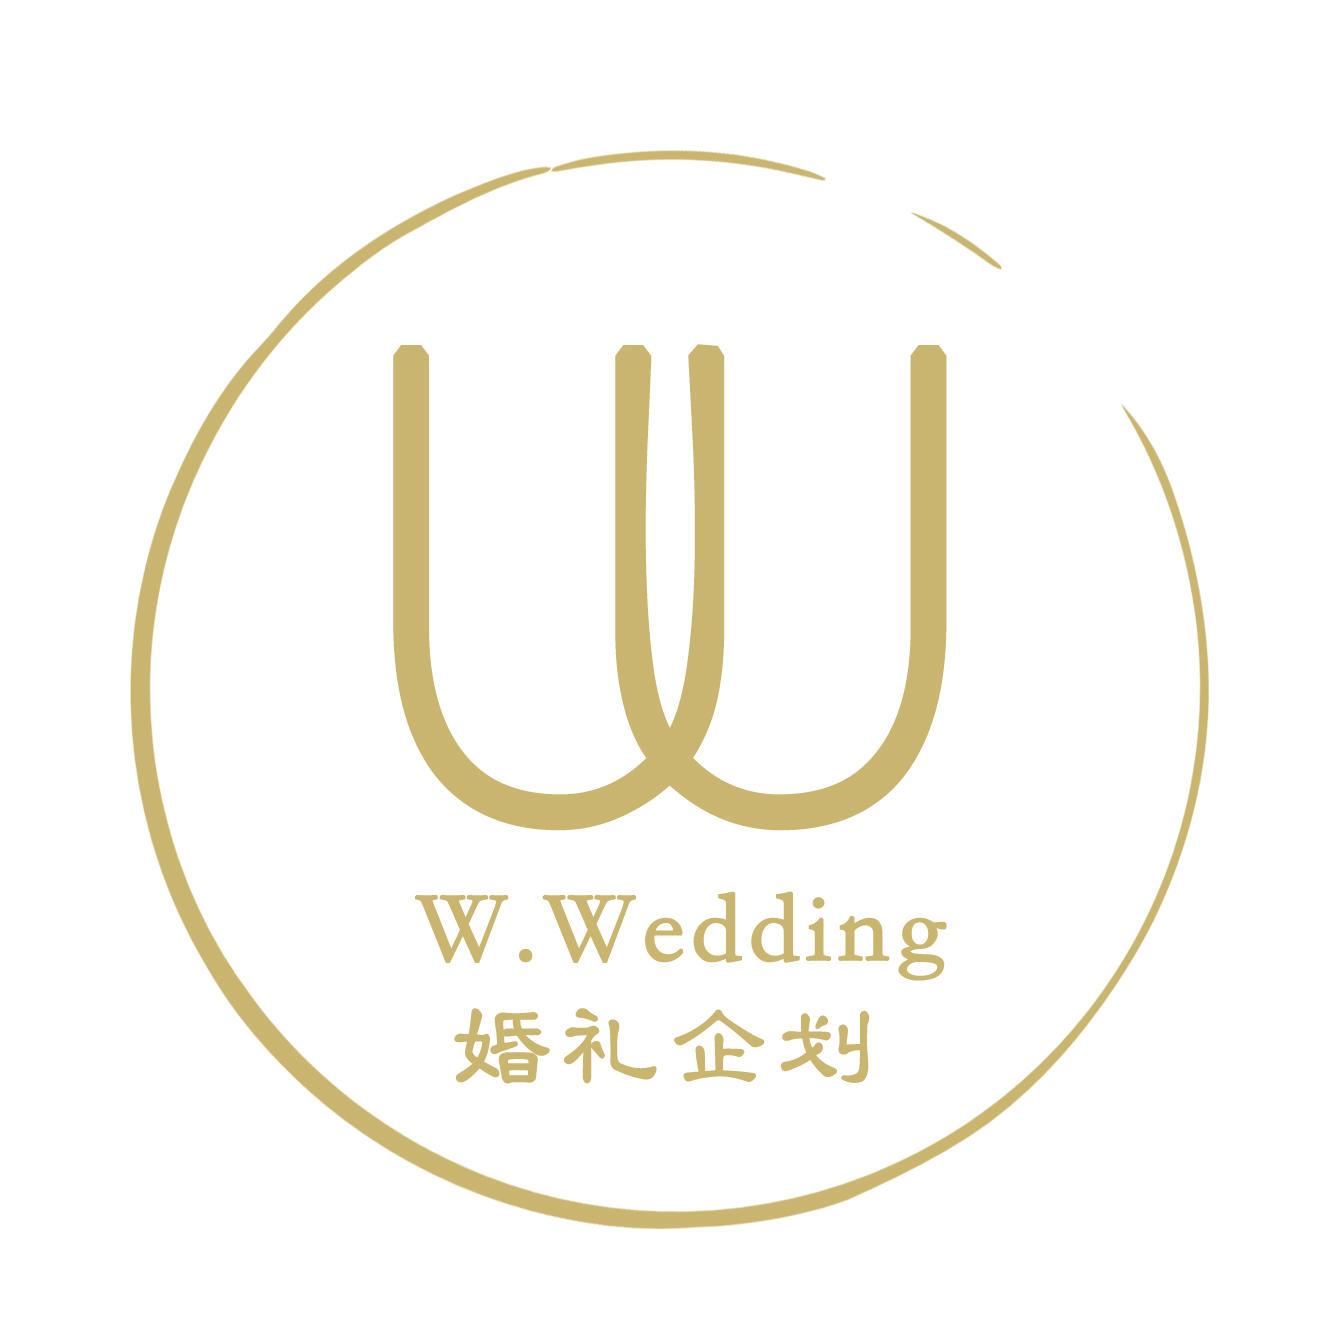 W WEDDING婚礼企划